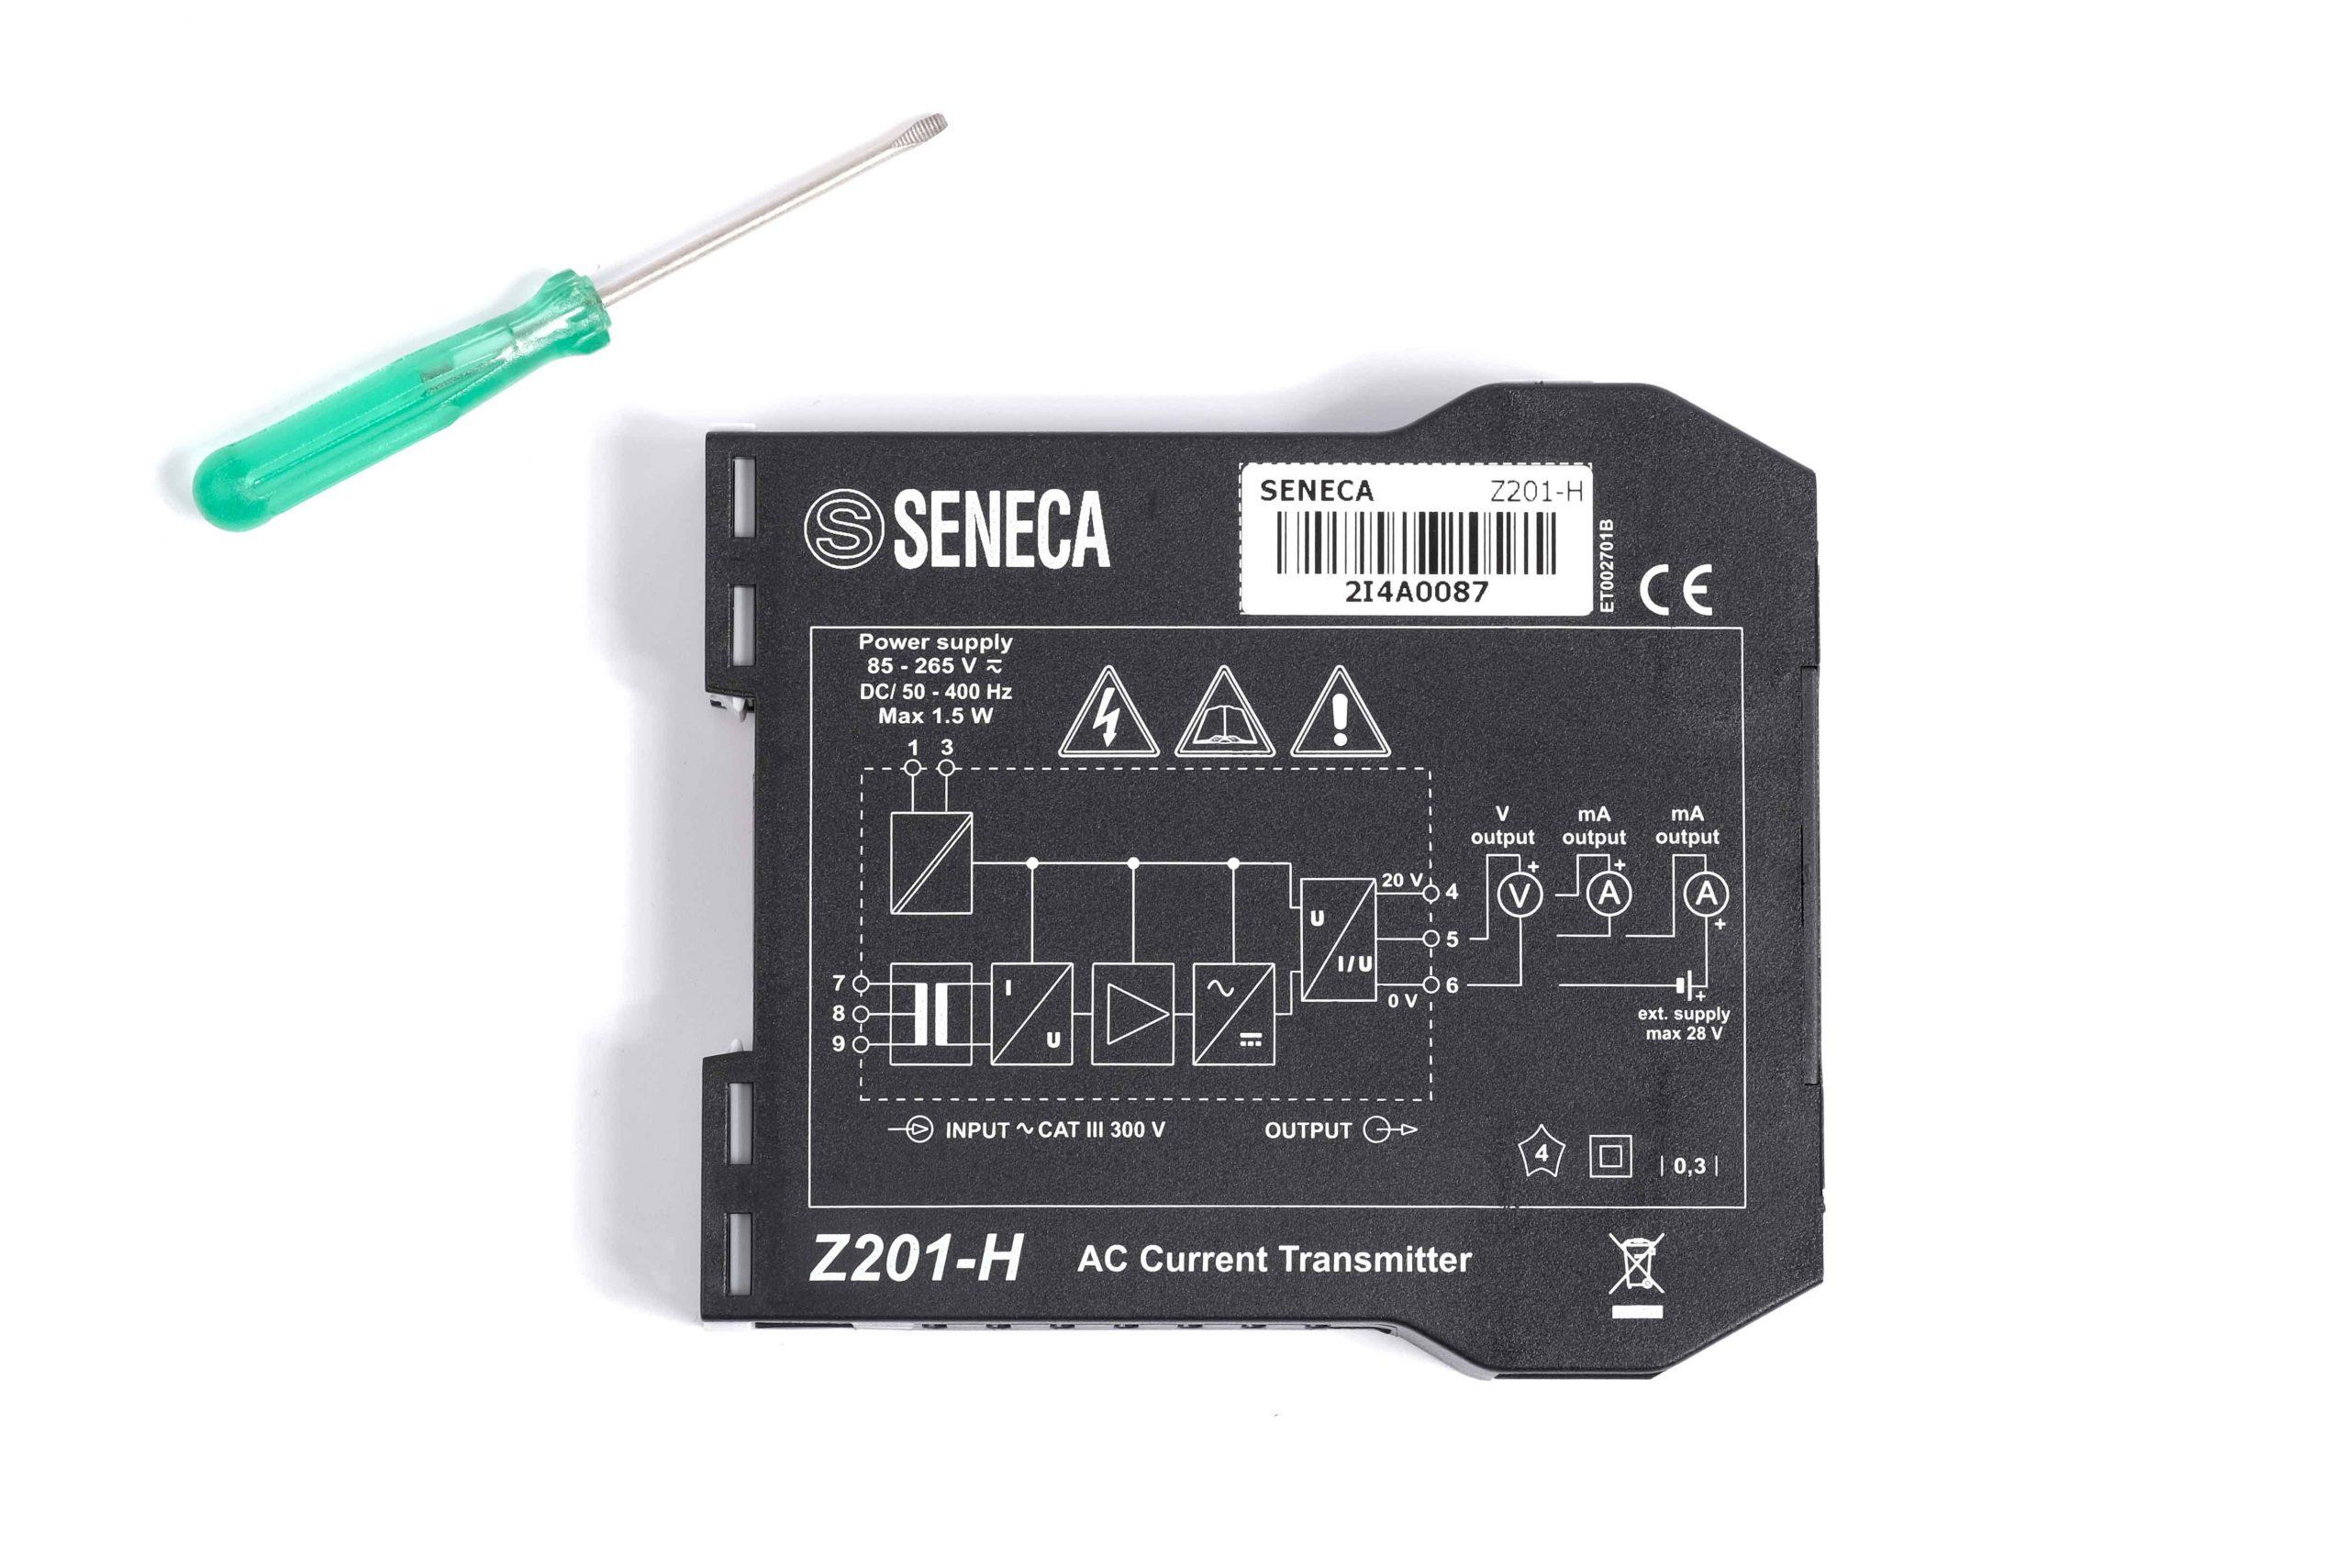 Bộ chuyển đổi tín hiệu 0-5A Sang 0-5V